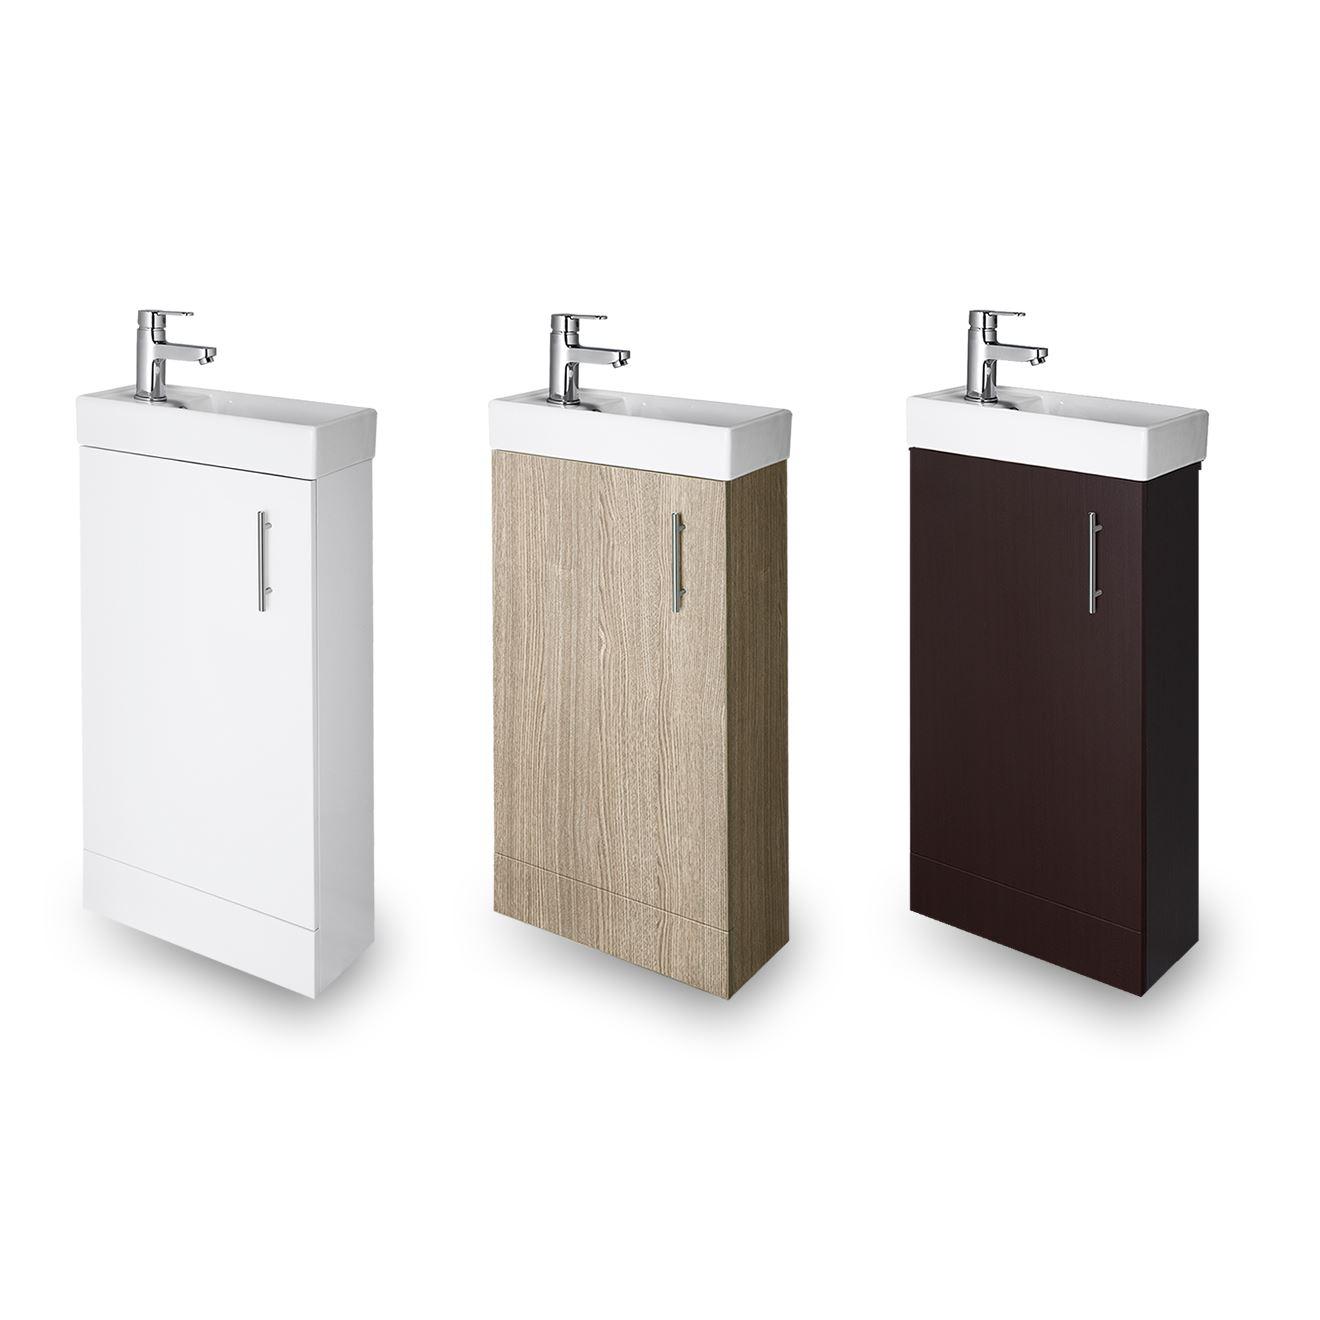 400mm bathroom vanity unit cloakroom compact basin sink. Black Bedroom Furniture Sets. Home Design Ideas